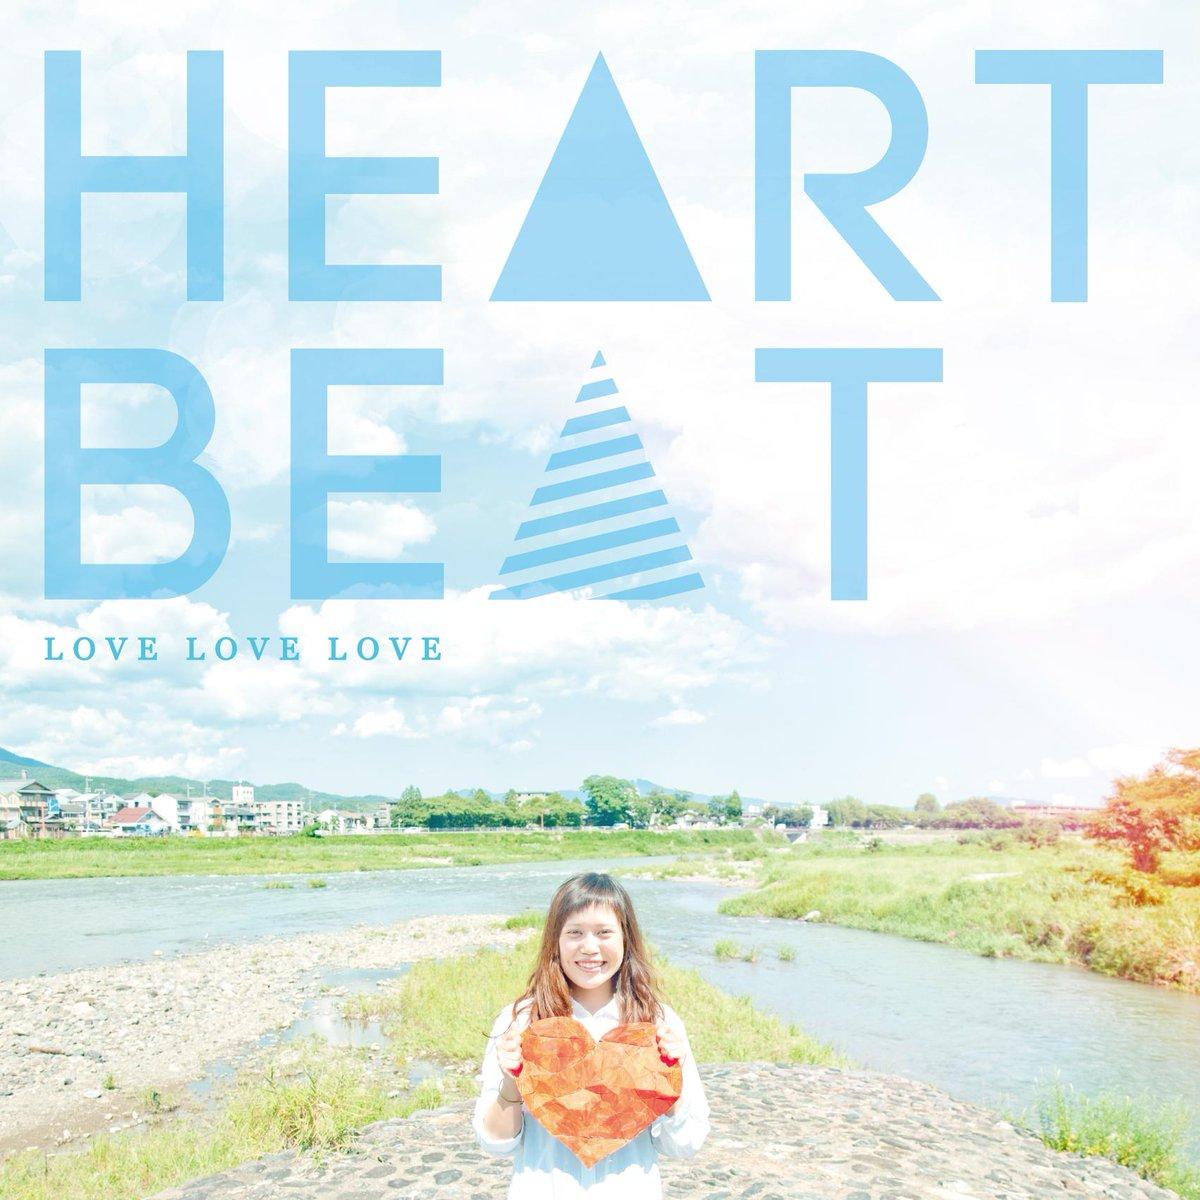 【祝】 アルバムリリース決定 【祝】  LOVE LOVE LOVE 2nd Full Album「HEART BEAT」 10/14リリース決定!!  2年ぶり全国リリース! 全11曲入お待たせしました!  【ドキドキ発表拡散希望】 http://t.co/sSmuq9WiuZ